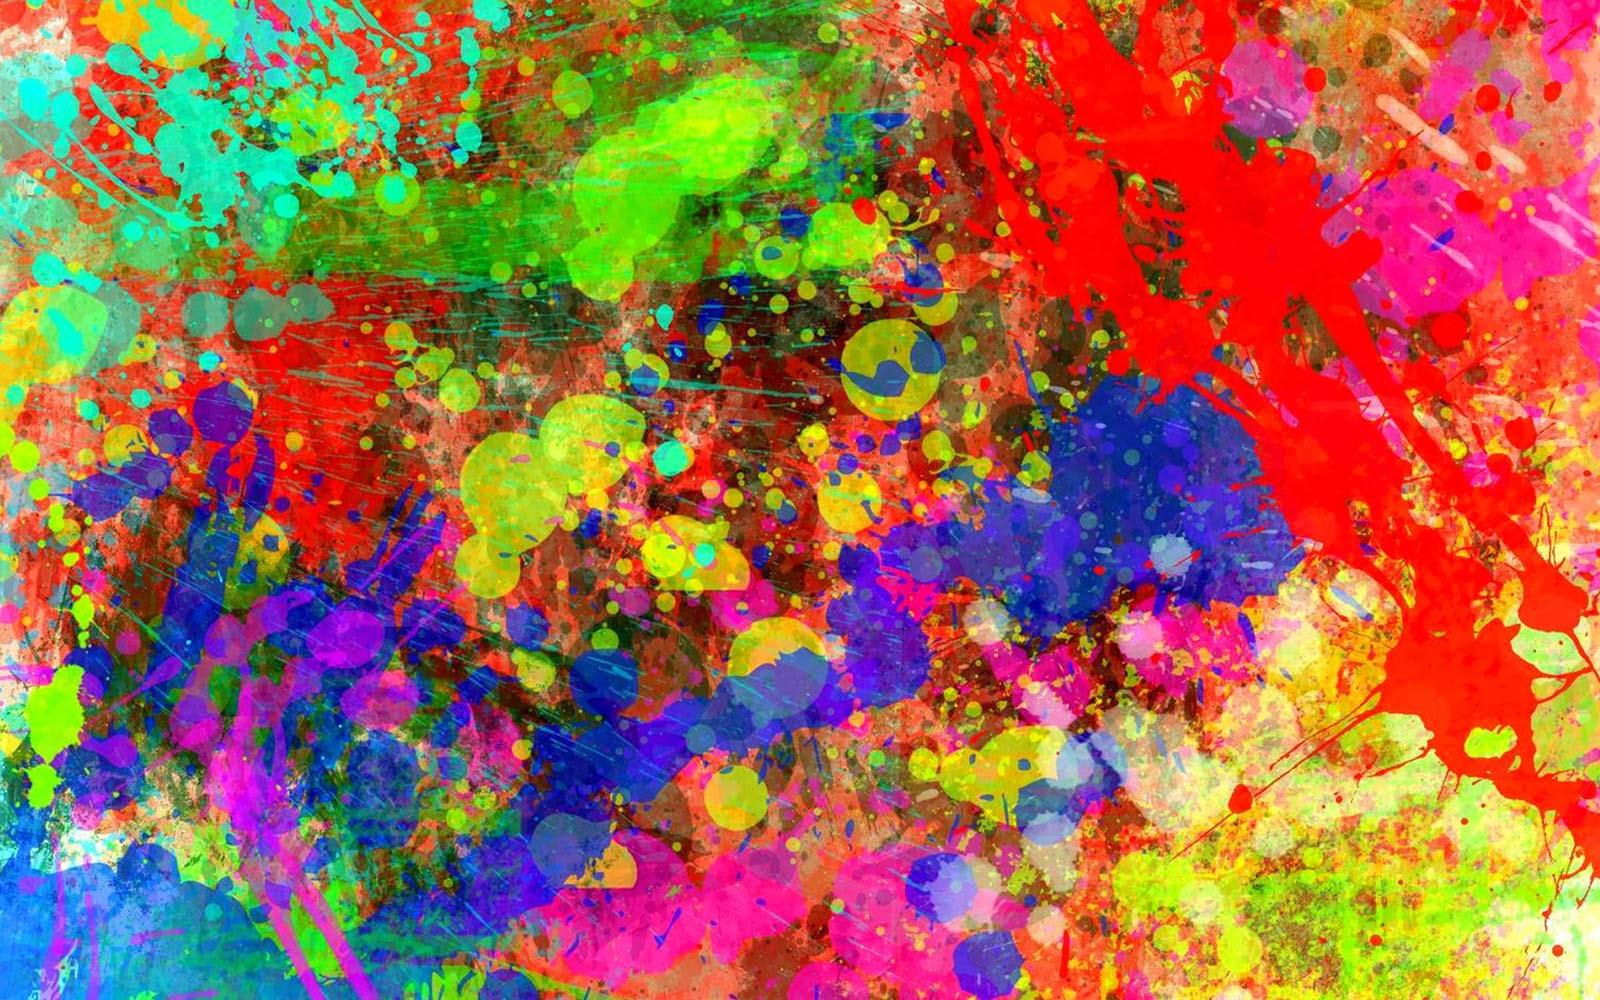 Color Splash Wallpapers - Top Wallpaper Desktop